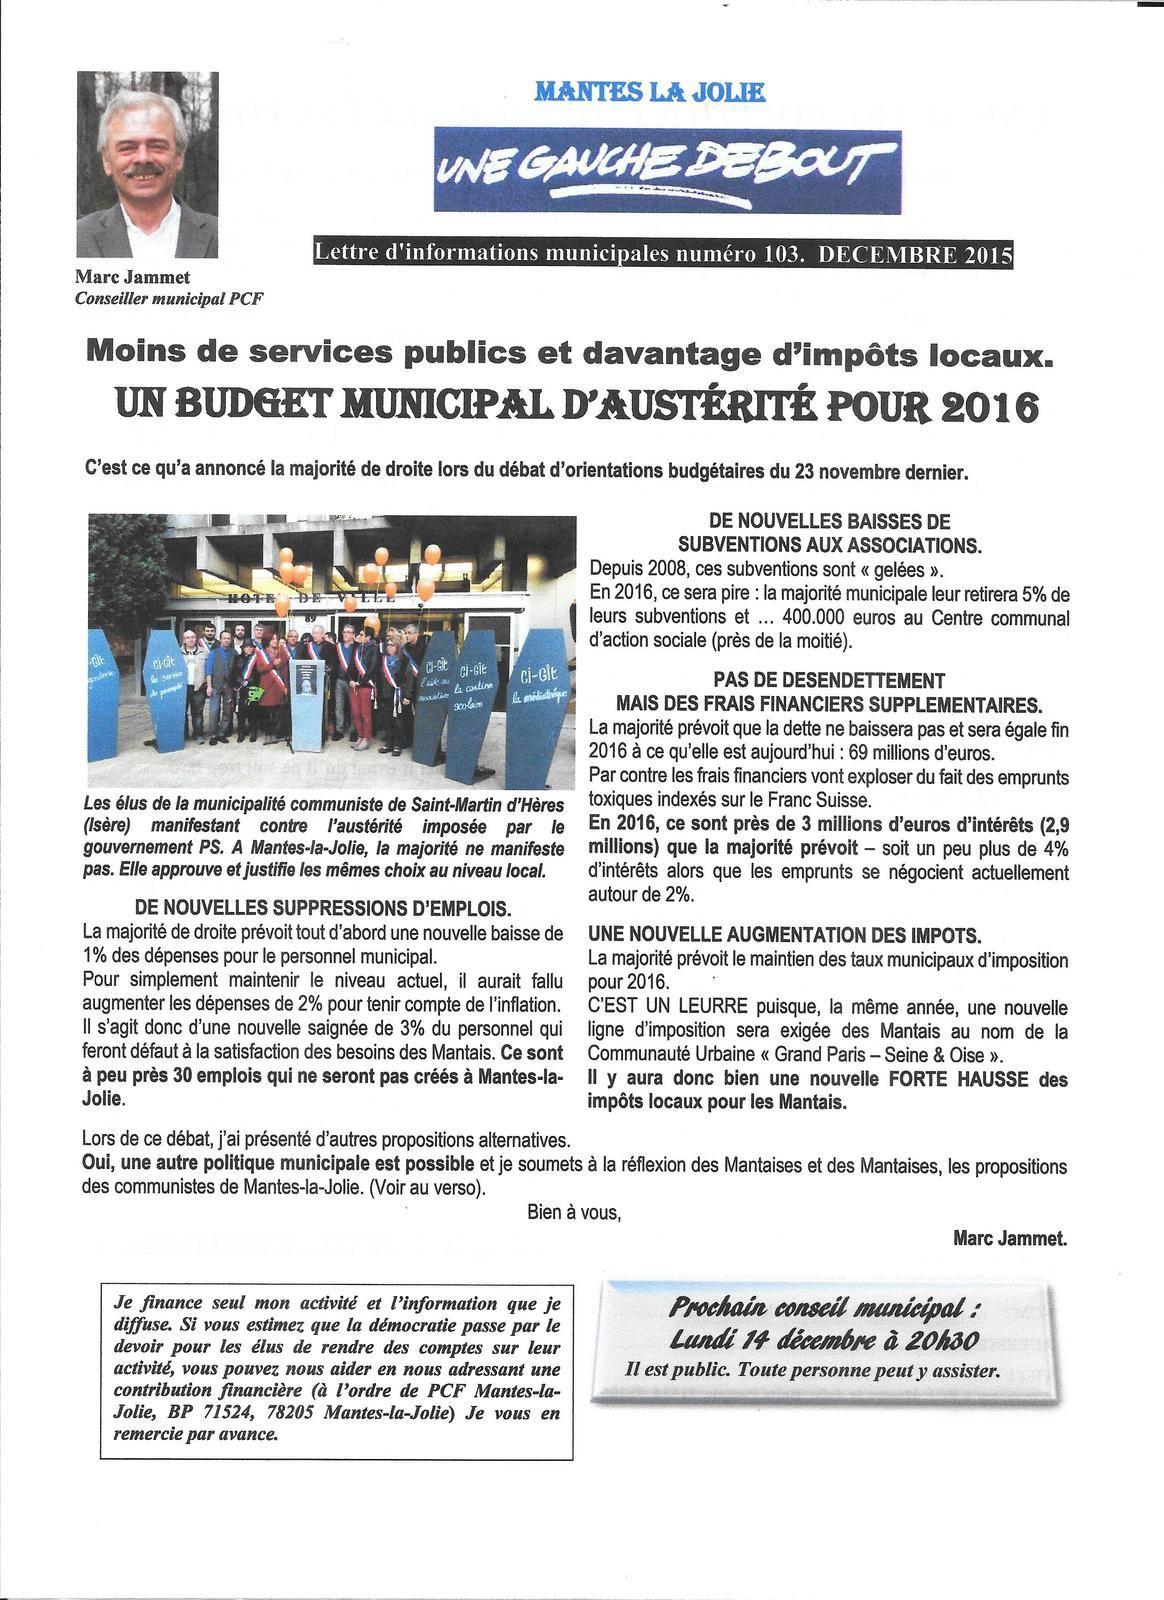 Mantes-la-Jolie. Un budget d'austérité pour 2016